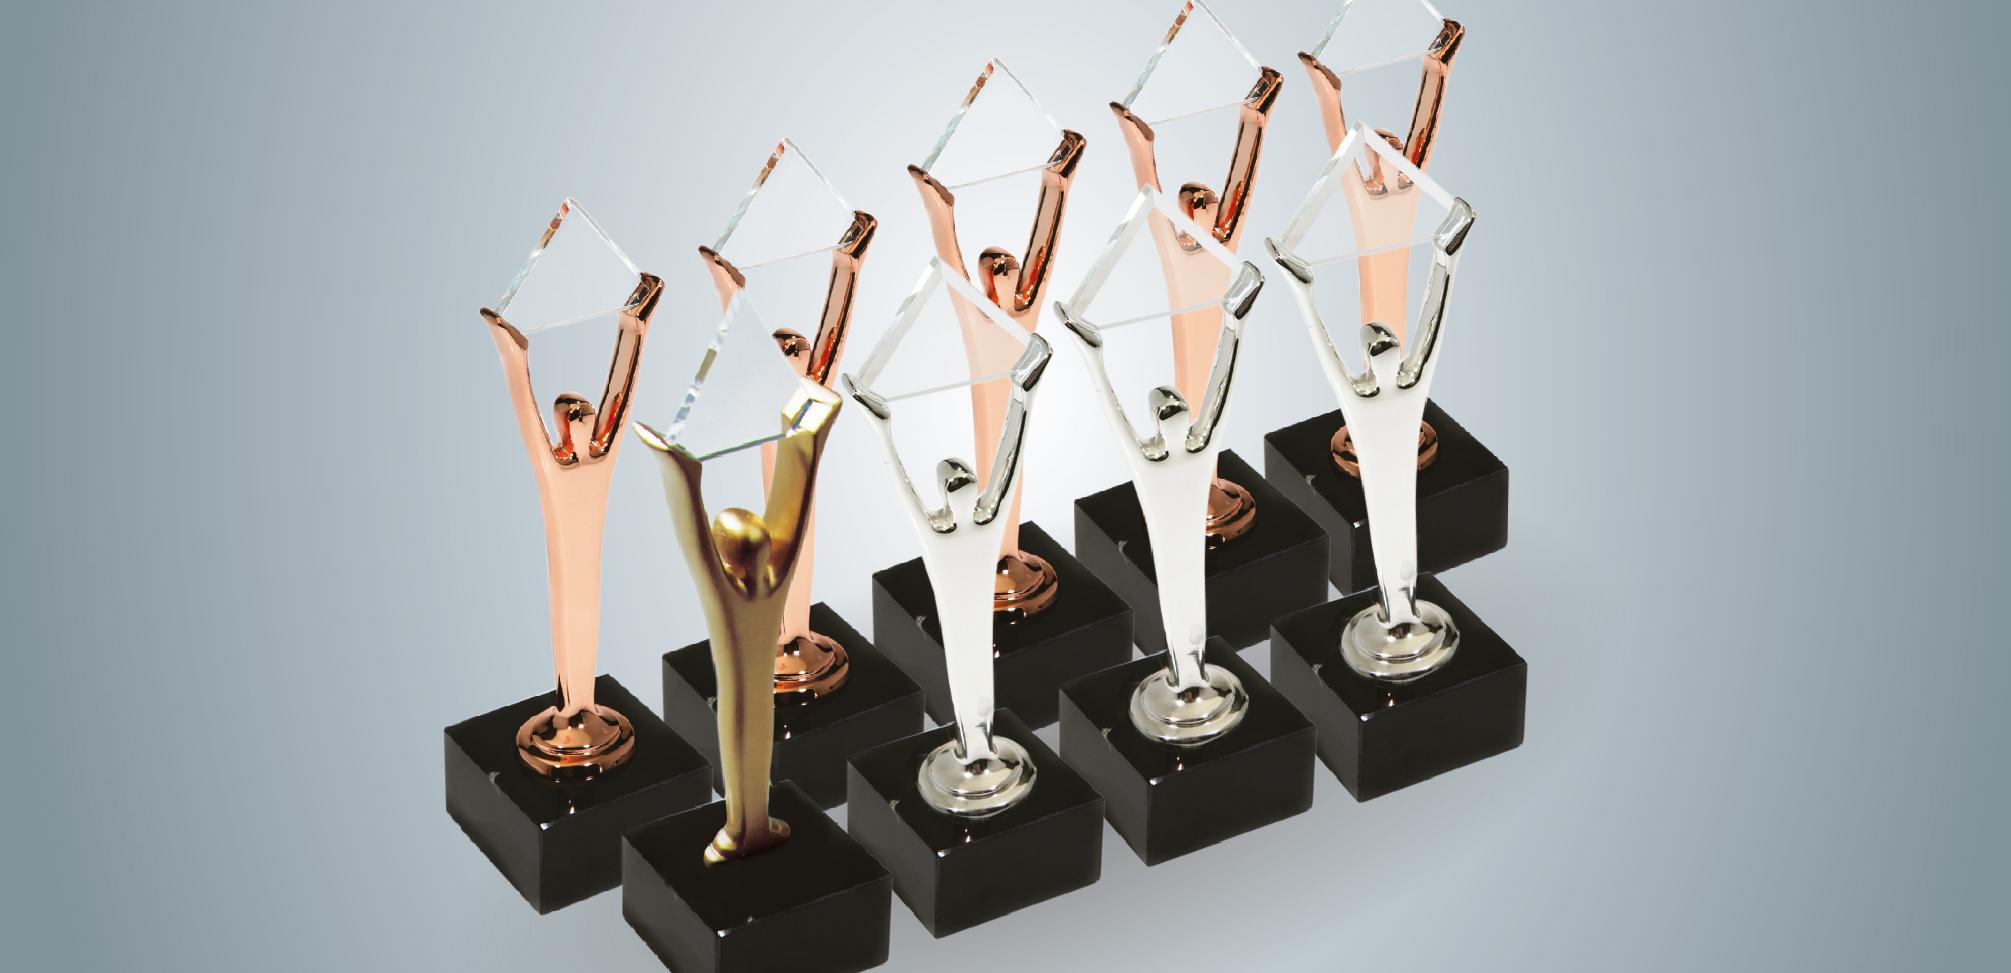 Cefic tarafından yönetilen 3 AVM Stevie Uluslararası İş Ödülleri'nde 9 Uluslararası Ödüle Layık Görüldü